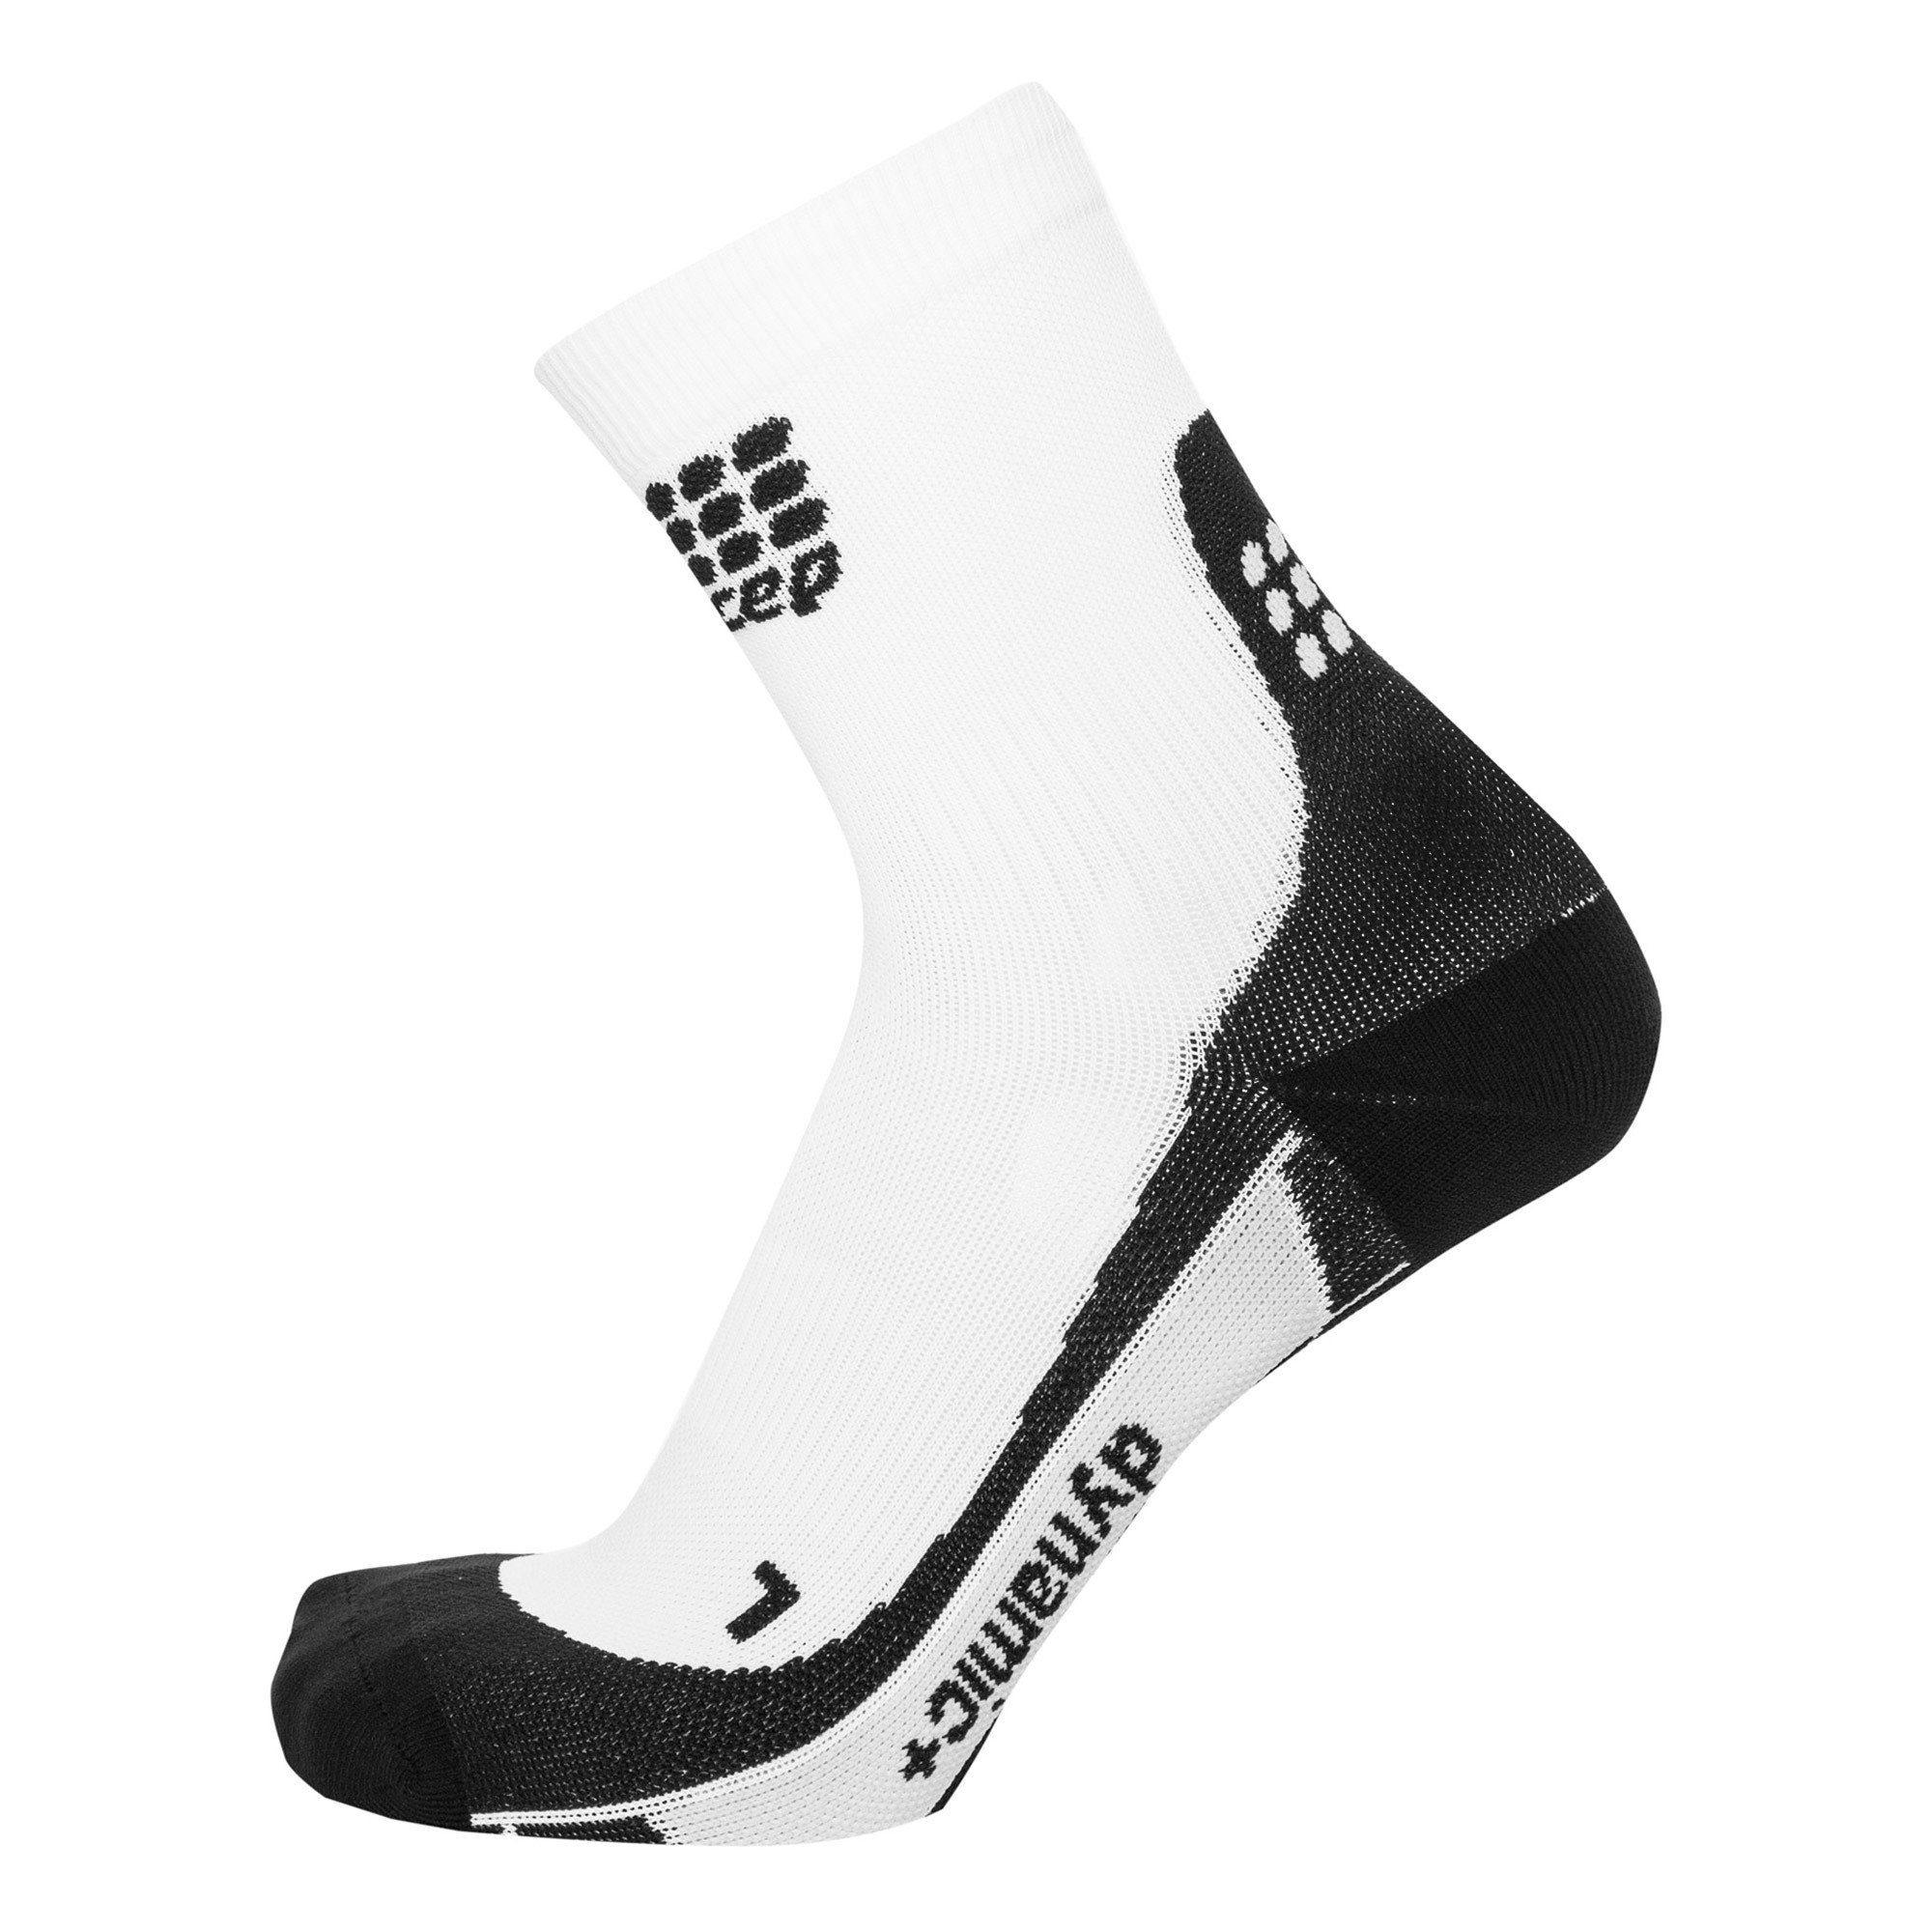 hochwertiges Design größte Auswahl an dauerhafte Modellierung CEP Strümpfe »CEP Short Socks Kompressionssocken Damen«